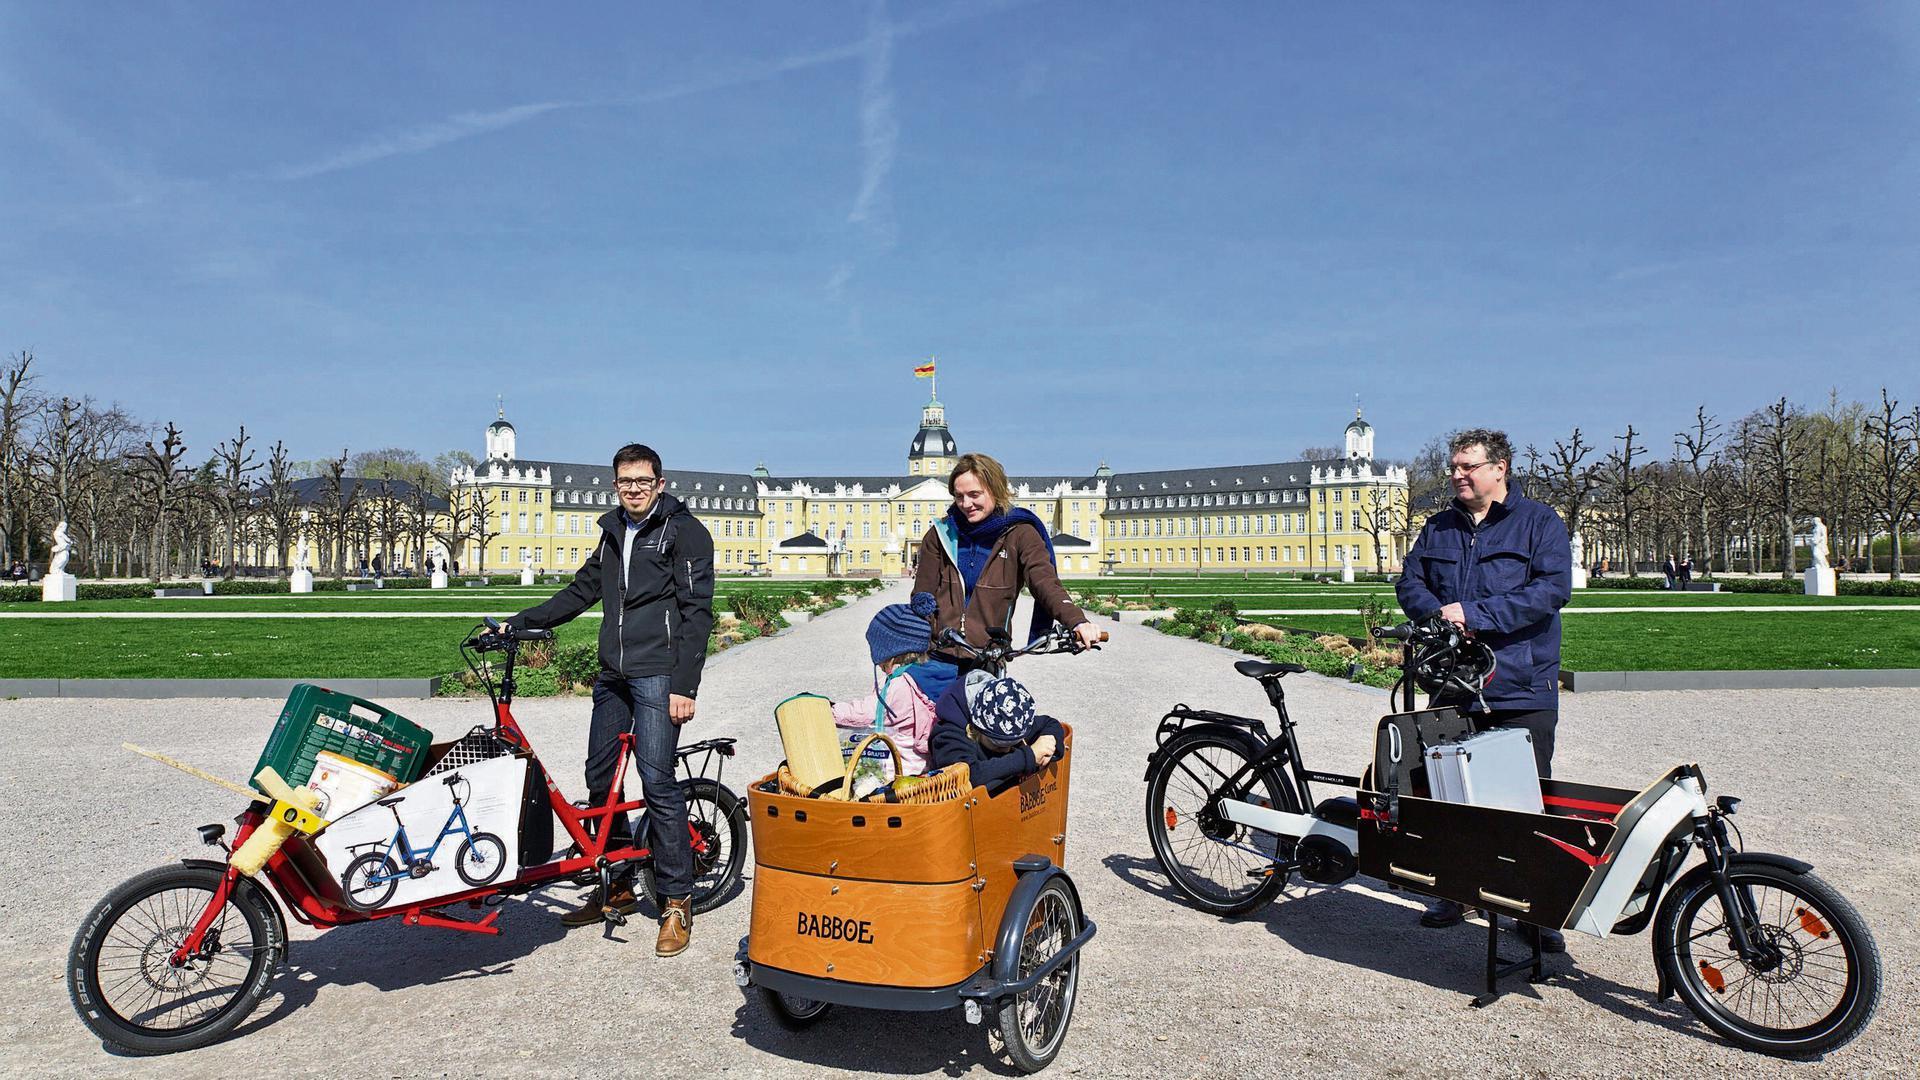 Manuel Quinting, Sarah Meyer-Soylu und Christian Büttner von der Lastenrad-Initiative testeten schon 2017 verschiedene Lastenrad-Modelle in Karlsruhe.